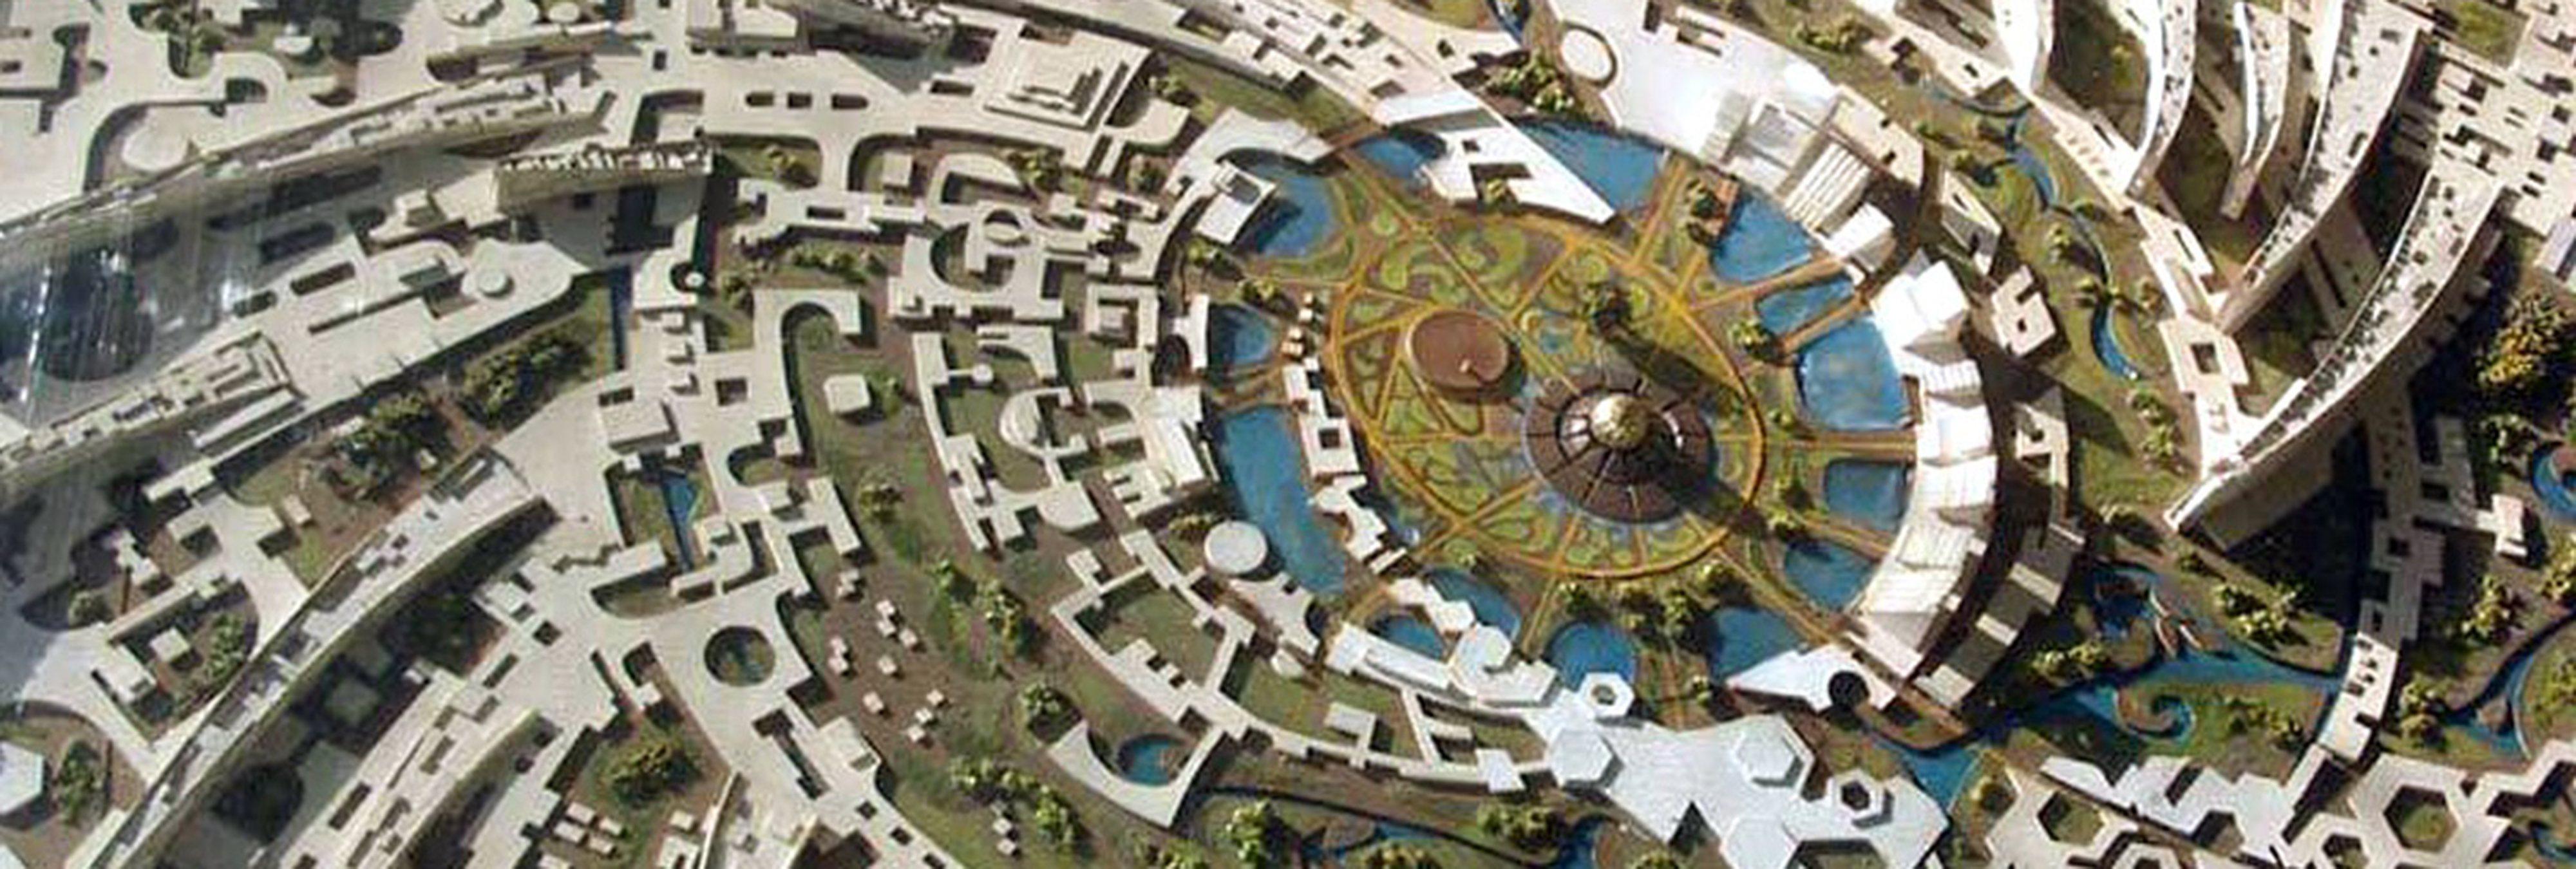 7 ciudades utópicas que existen y aún puedes visitar